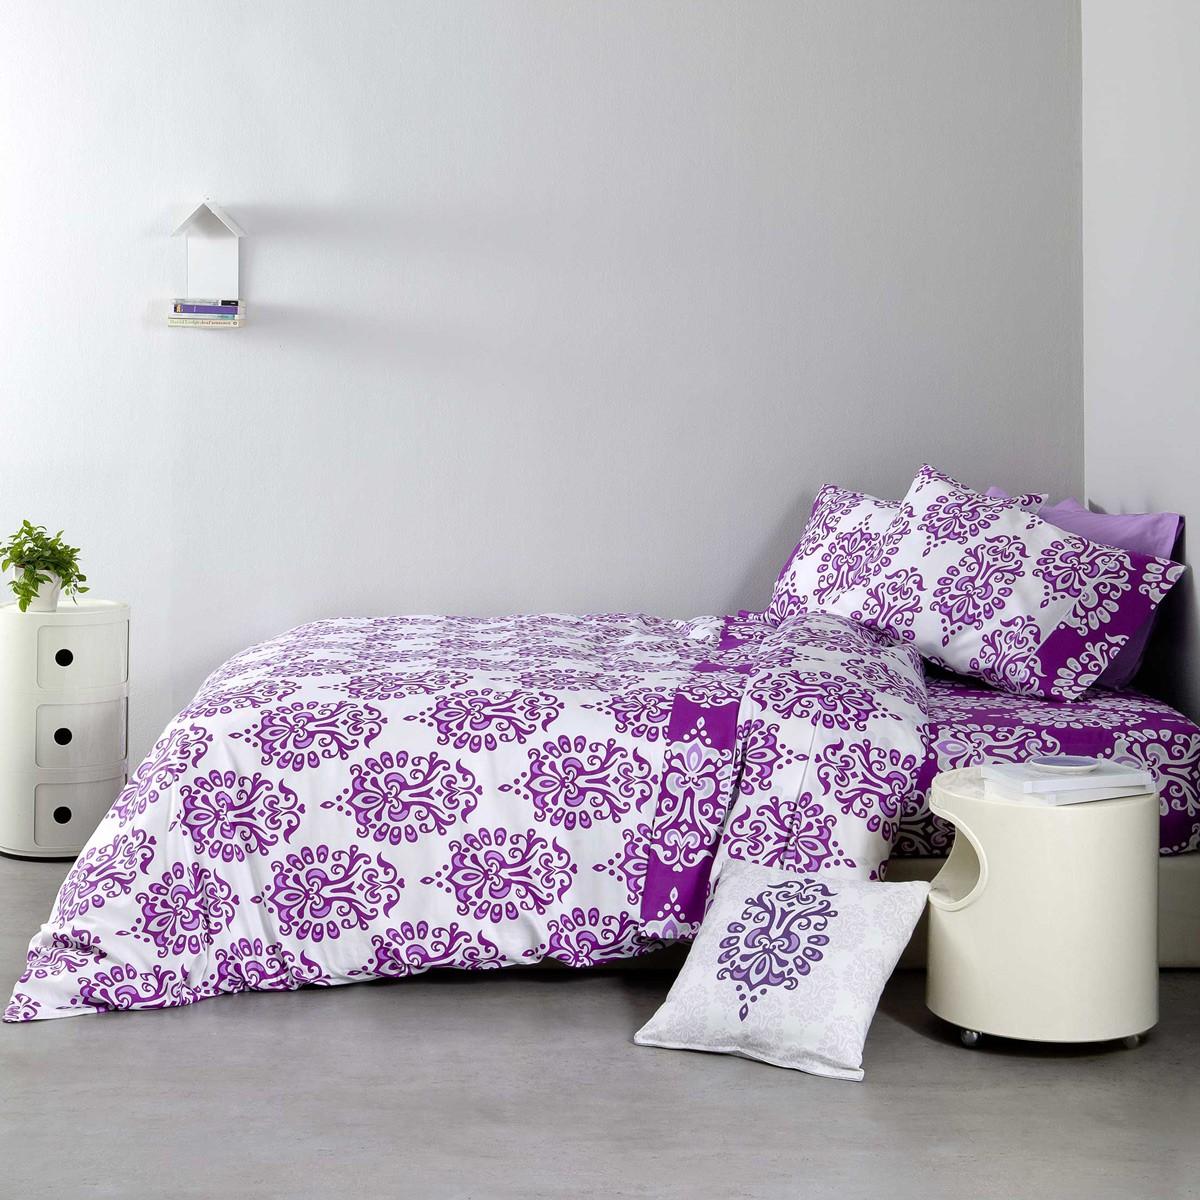 Σεντόνια Υπέρδιπλα (Σετ) Nima Bed Linen Ariadne Purple